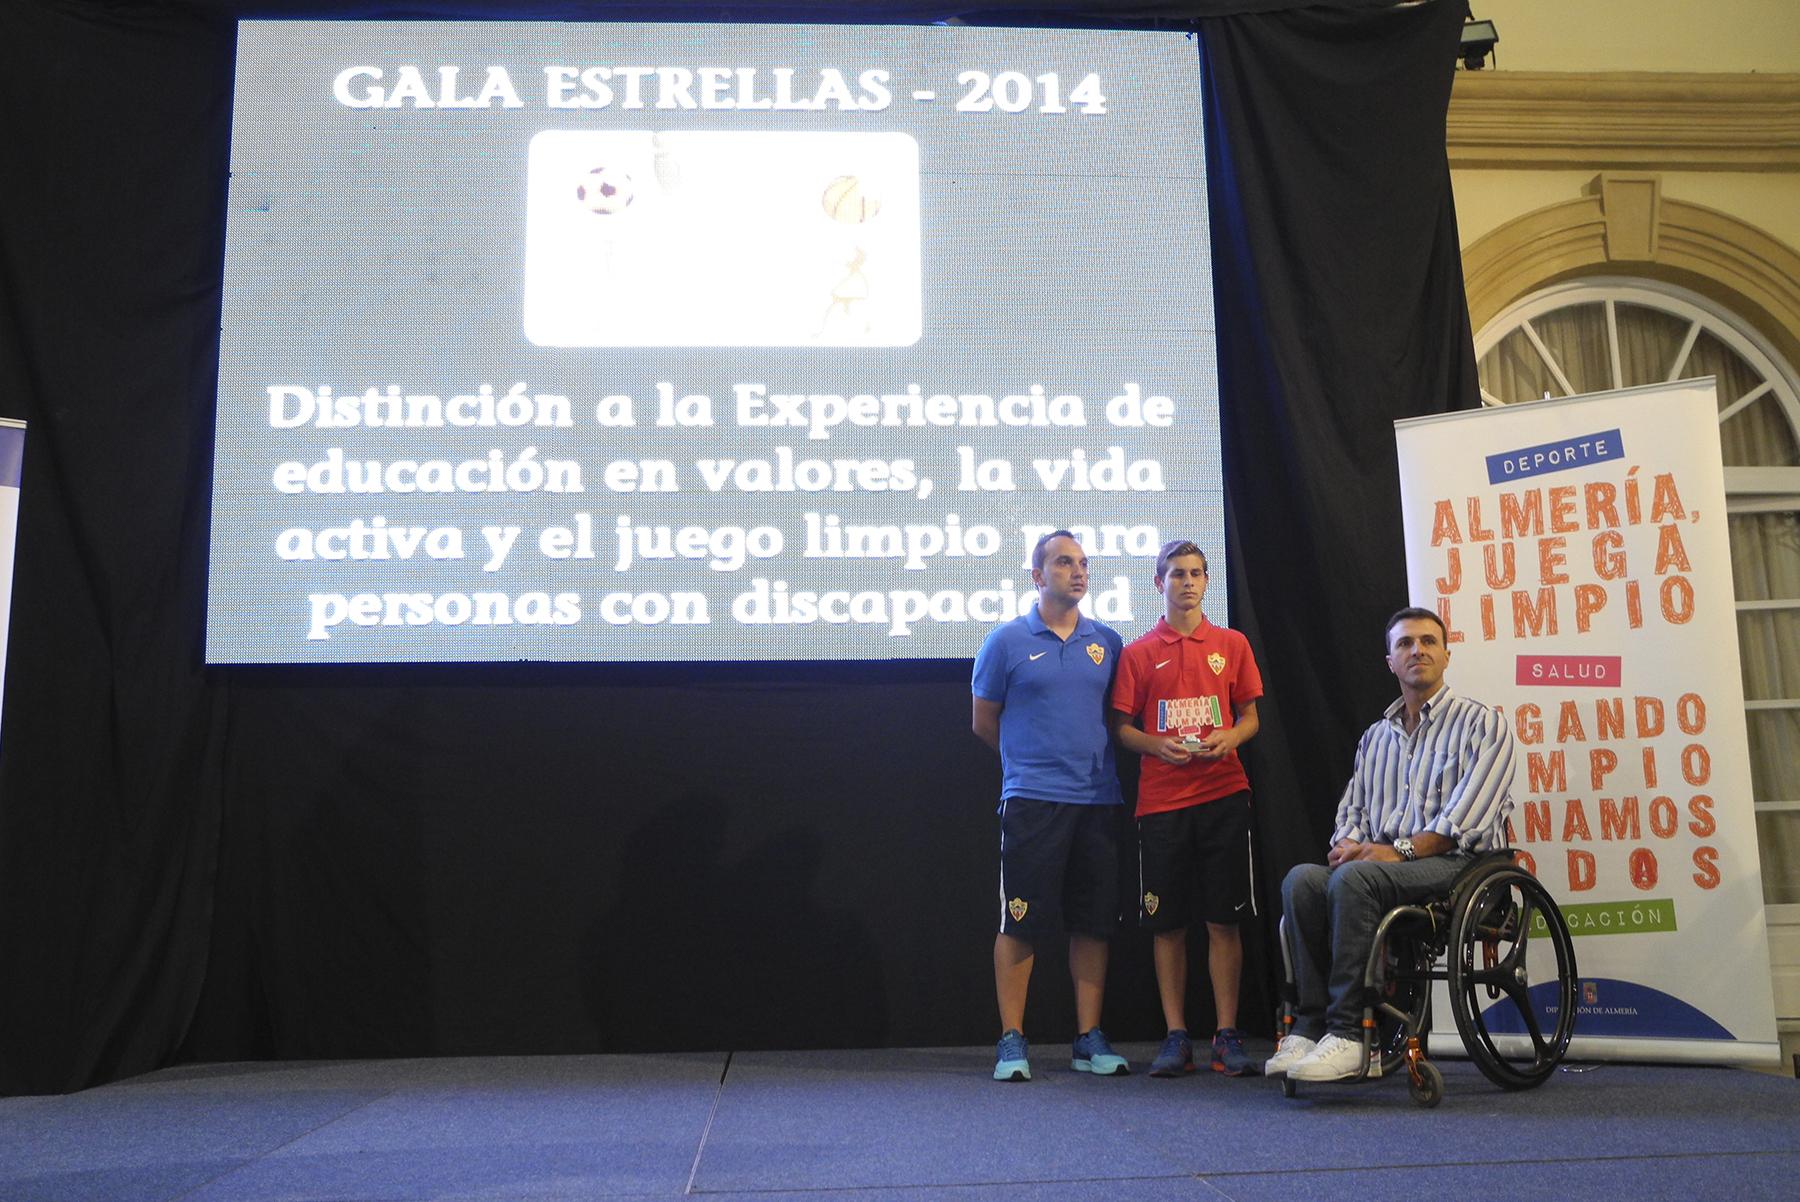 Gala Almería Juega Limpio 2014